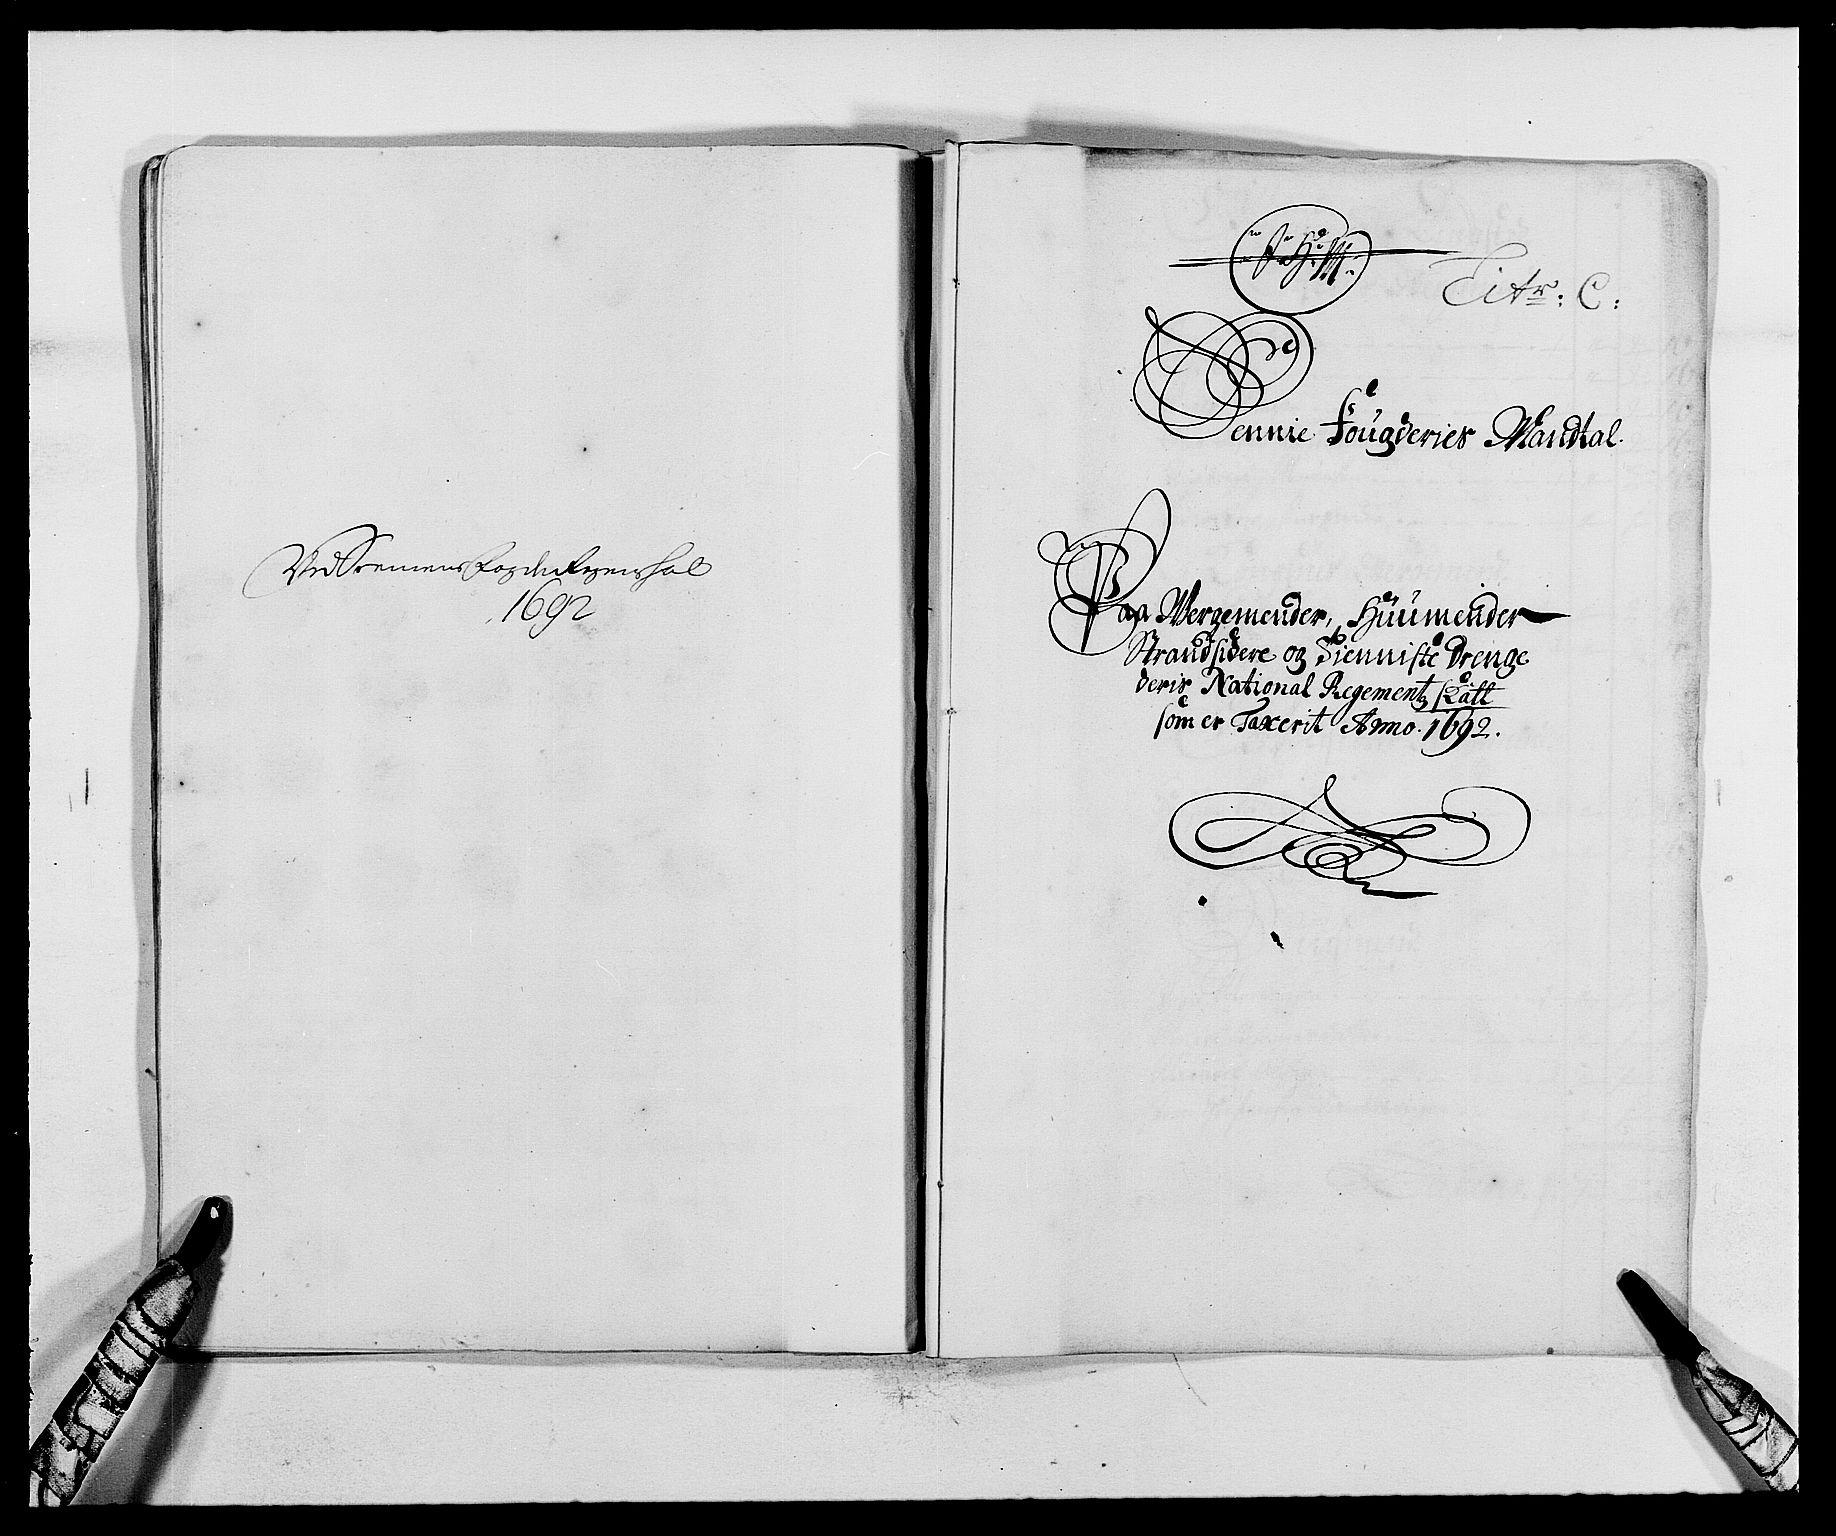 RA, Rentekammeret inntil 1814, Reviderte regnskaper, Fogderegnskap, R68/L4752: Fogderegnskap Senja og Troms, 1691-1693, s. 192